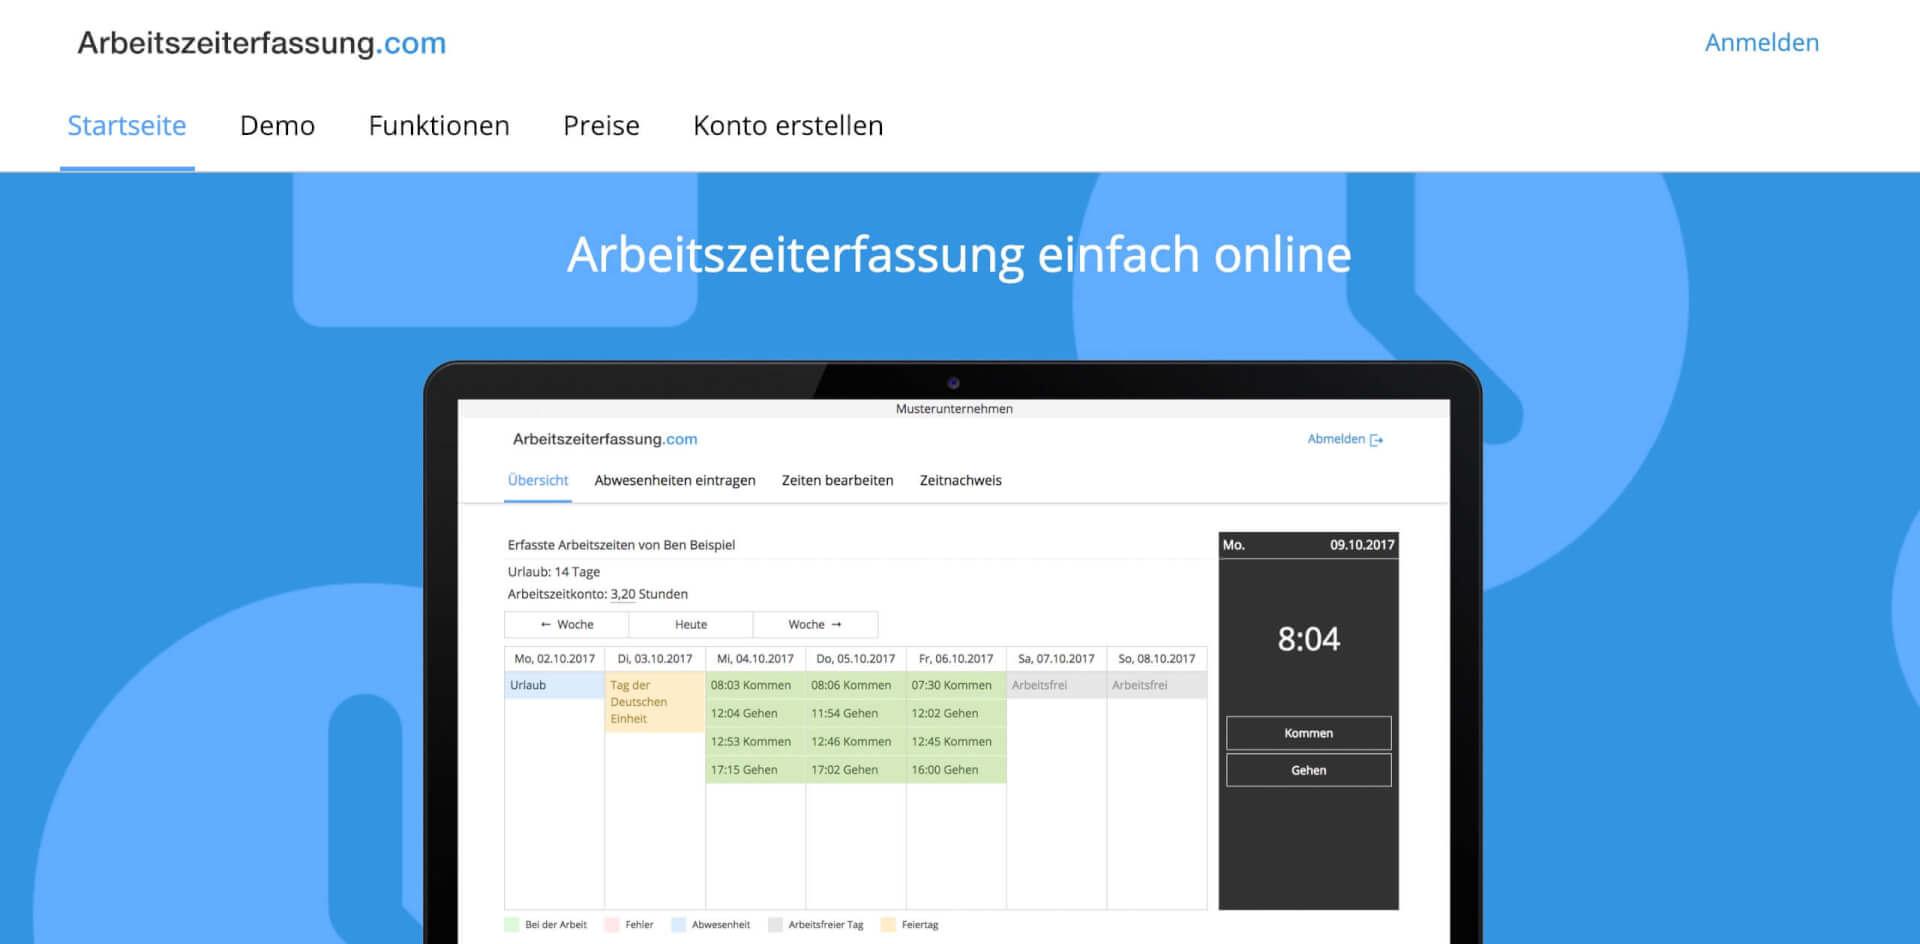 Arbeitszeiterfassung einfach online Arbeitszeiterfassung com 1